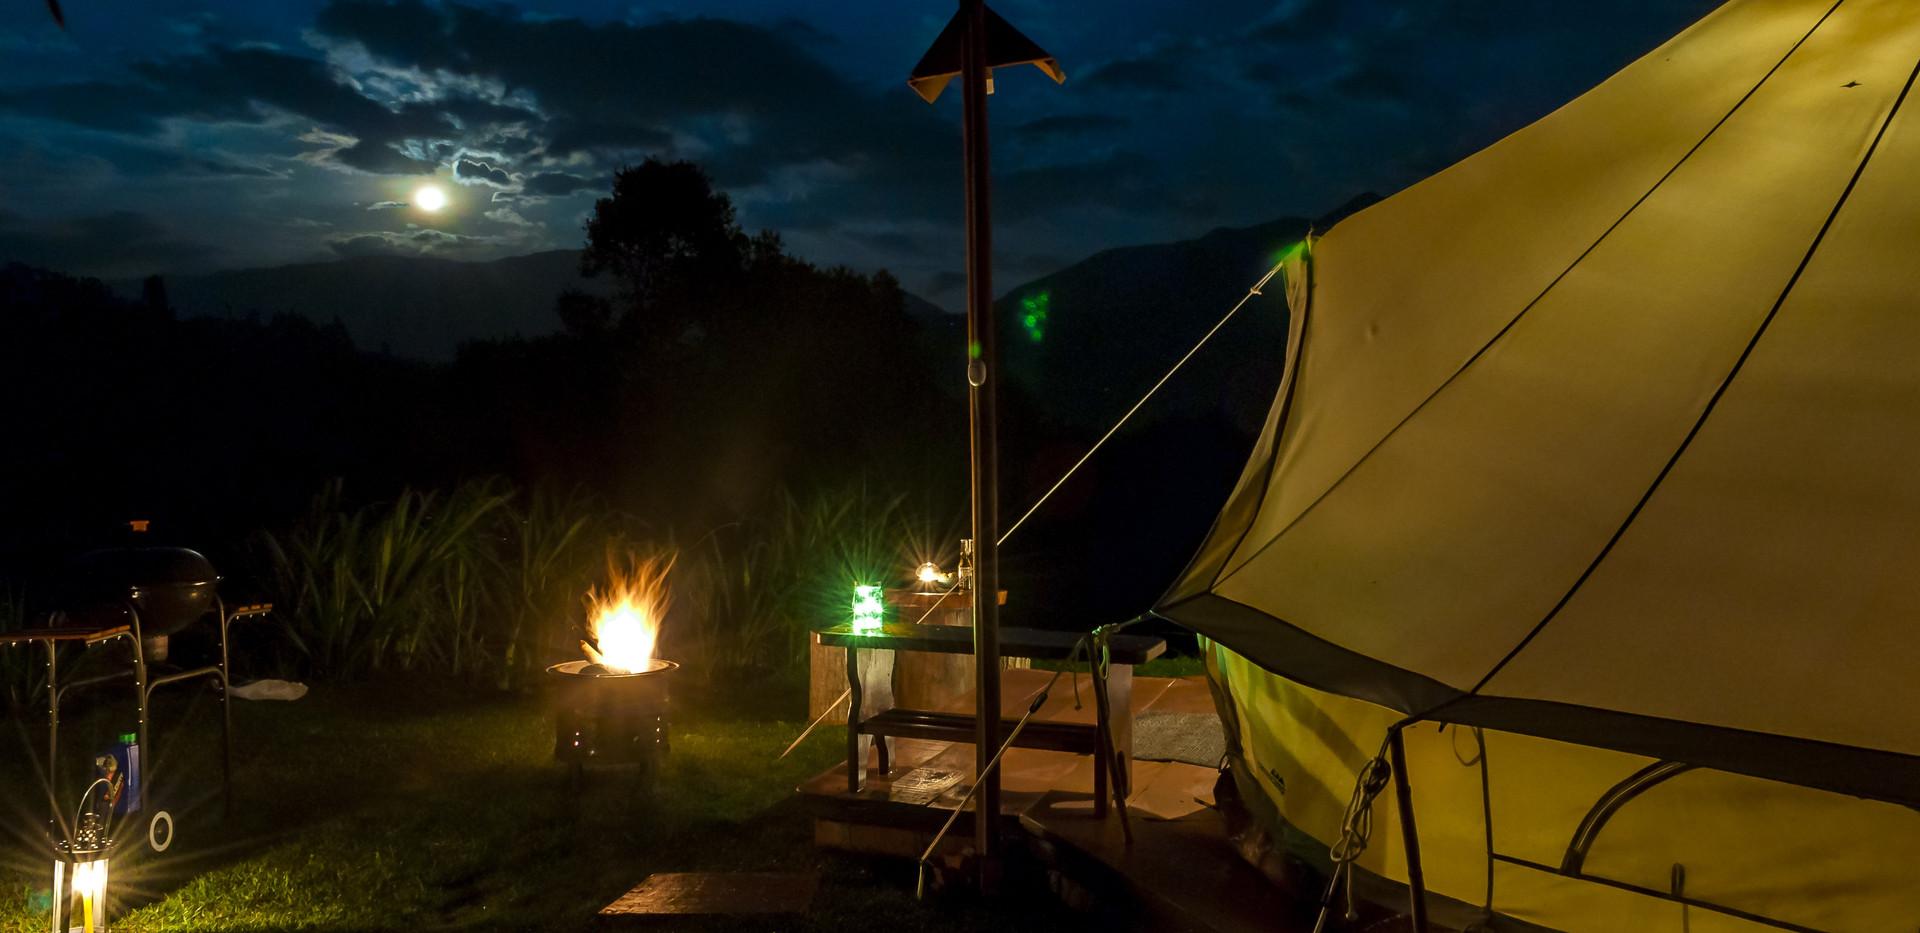 Carpa Noche Glamping Finca Corazon.jpg